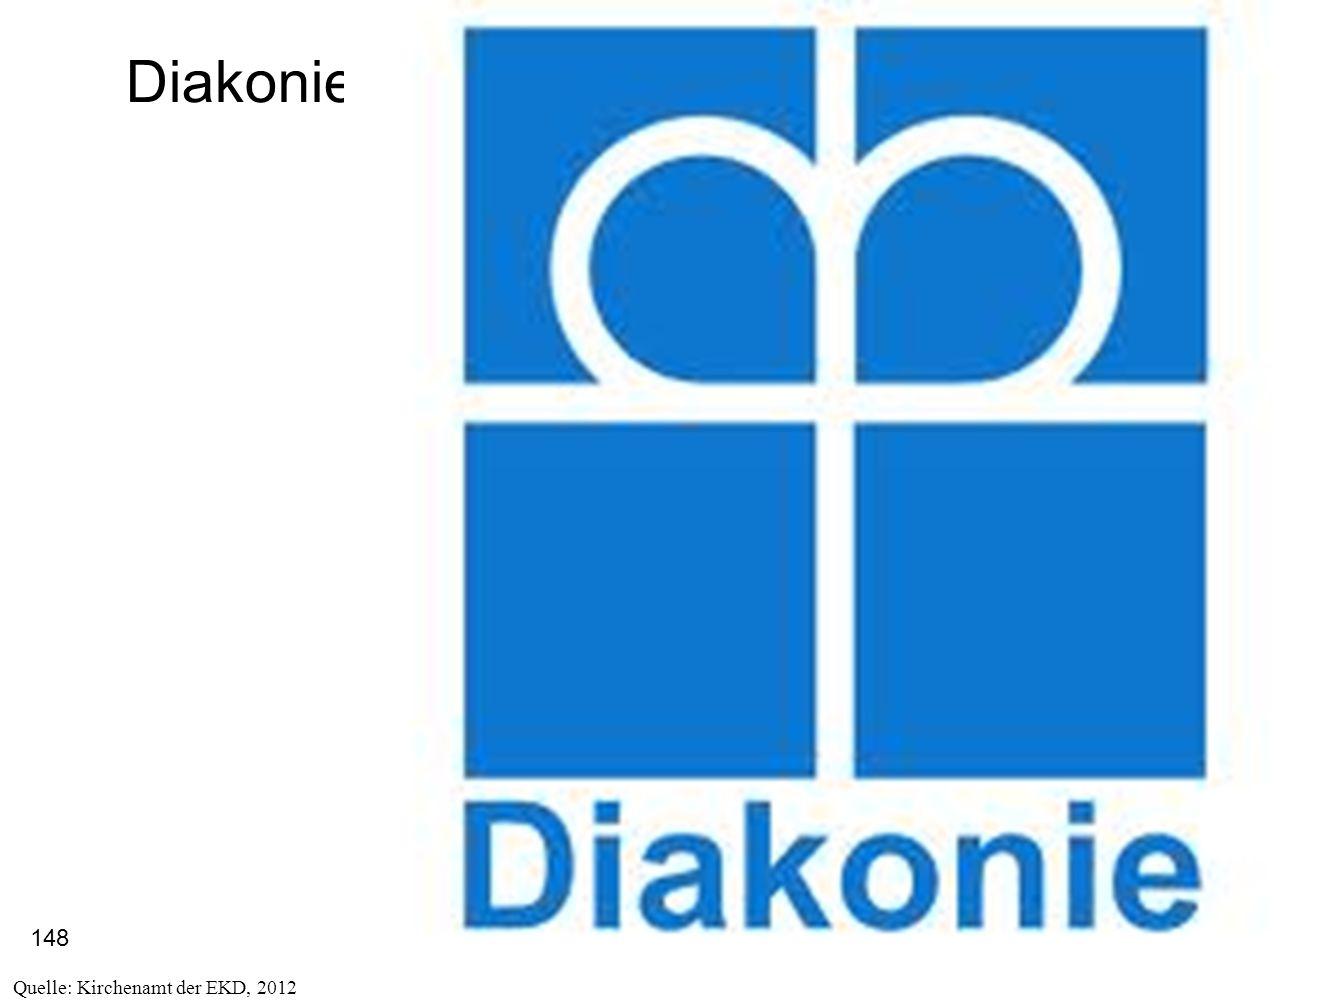 148 Diakonie Quelle: Kirchenamt der EKD, 2012